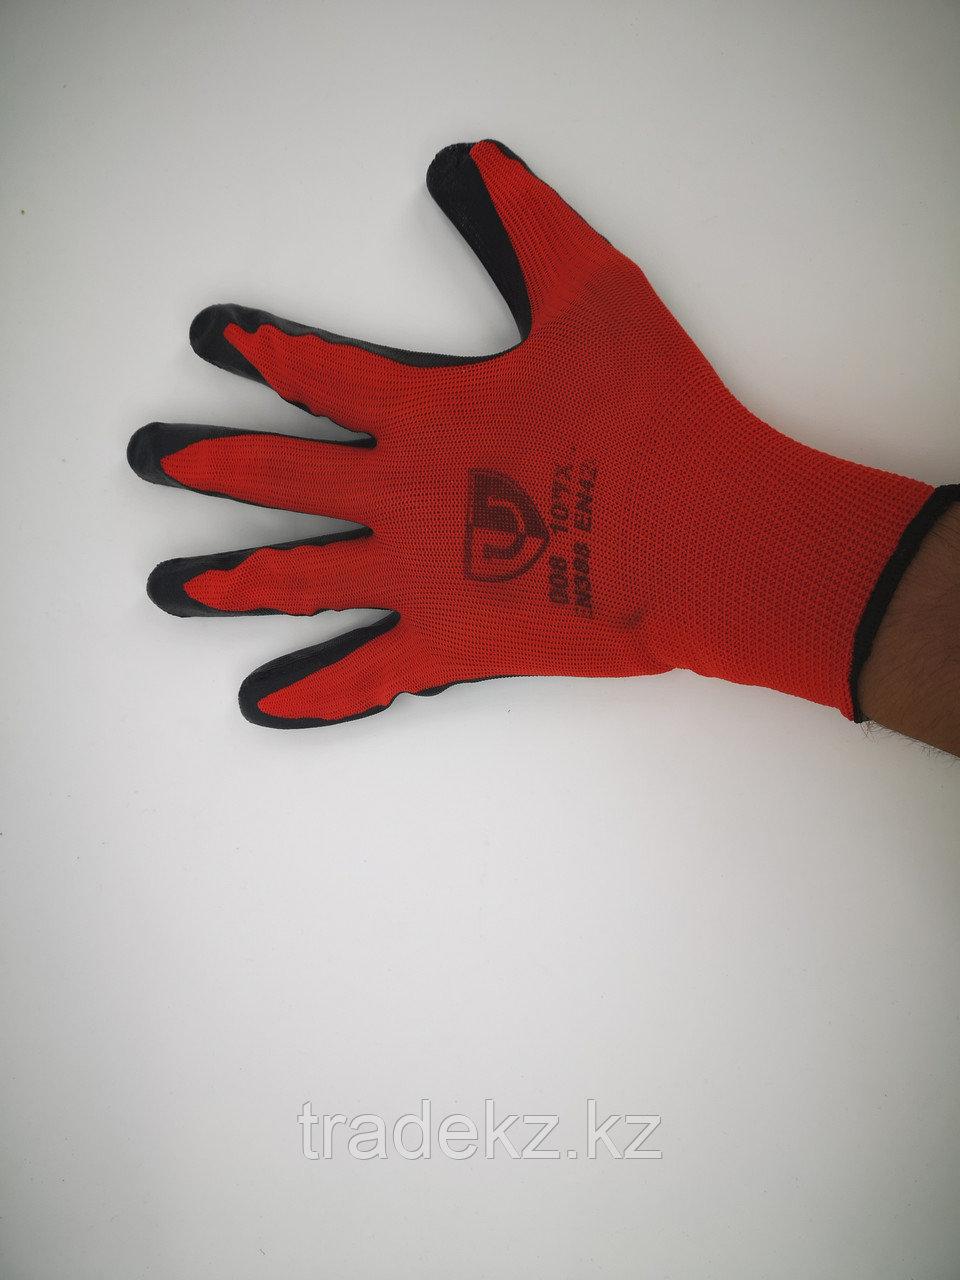 Перчатки с ПВХ ладонью, средства индивидуальной защиты